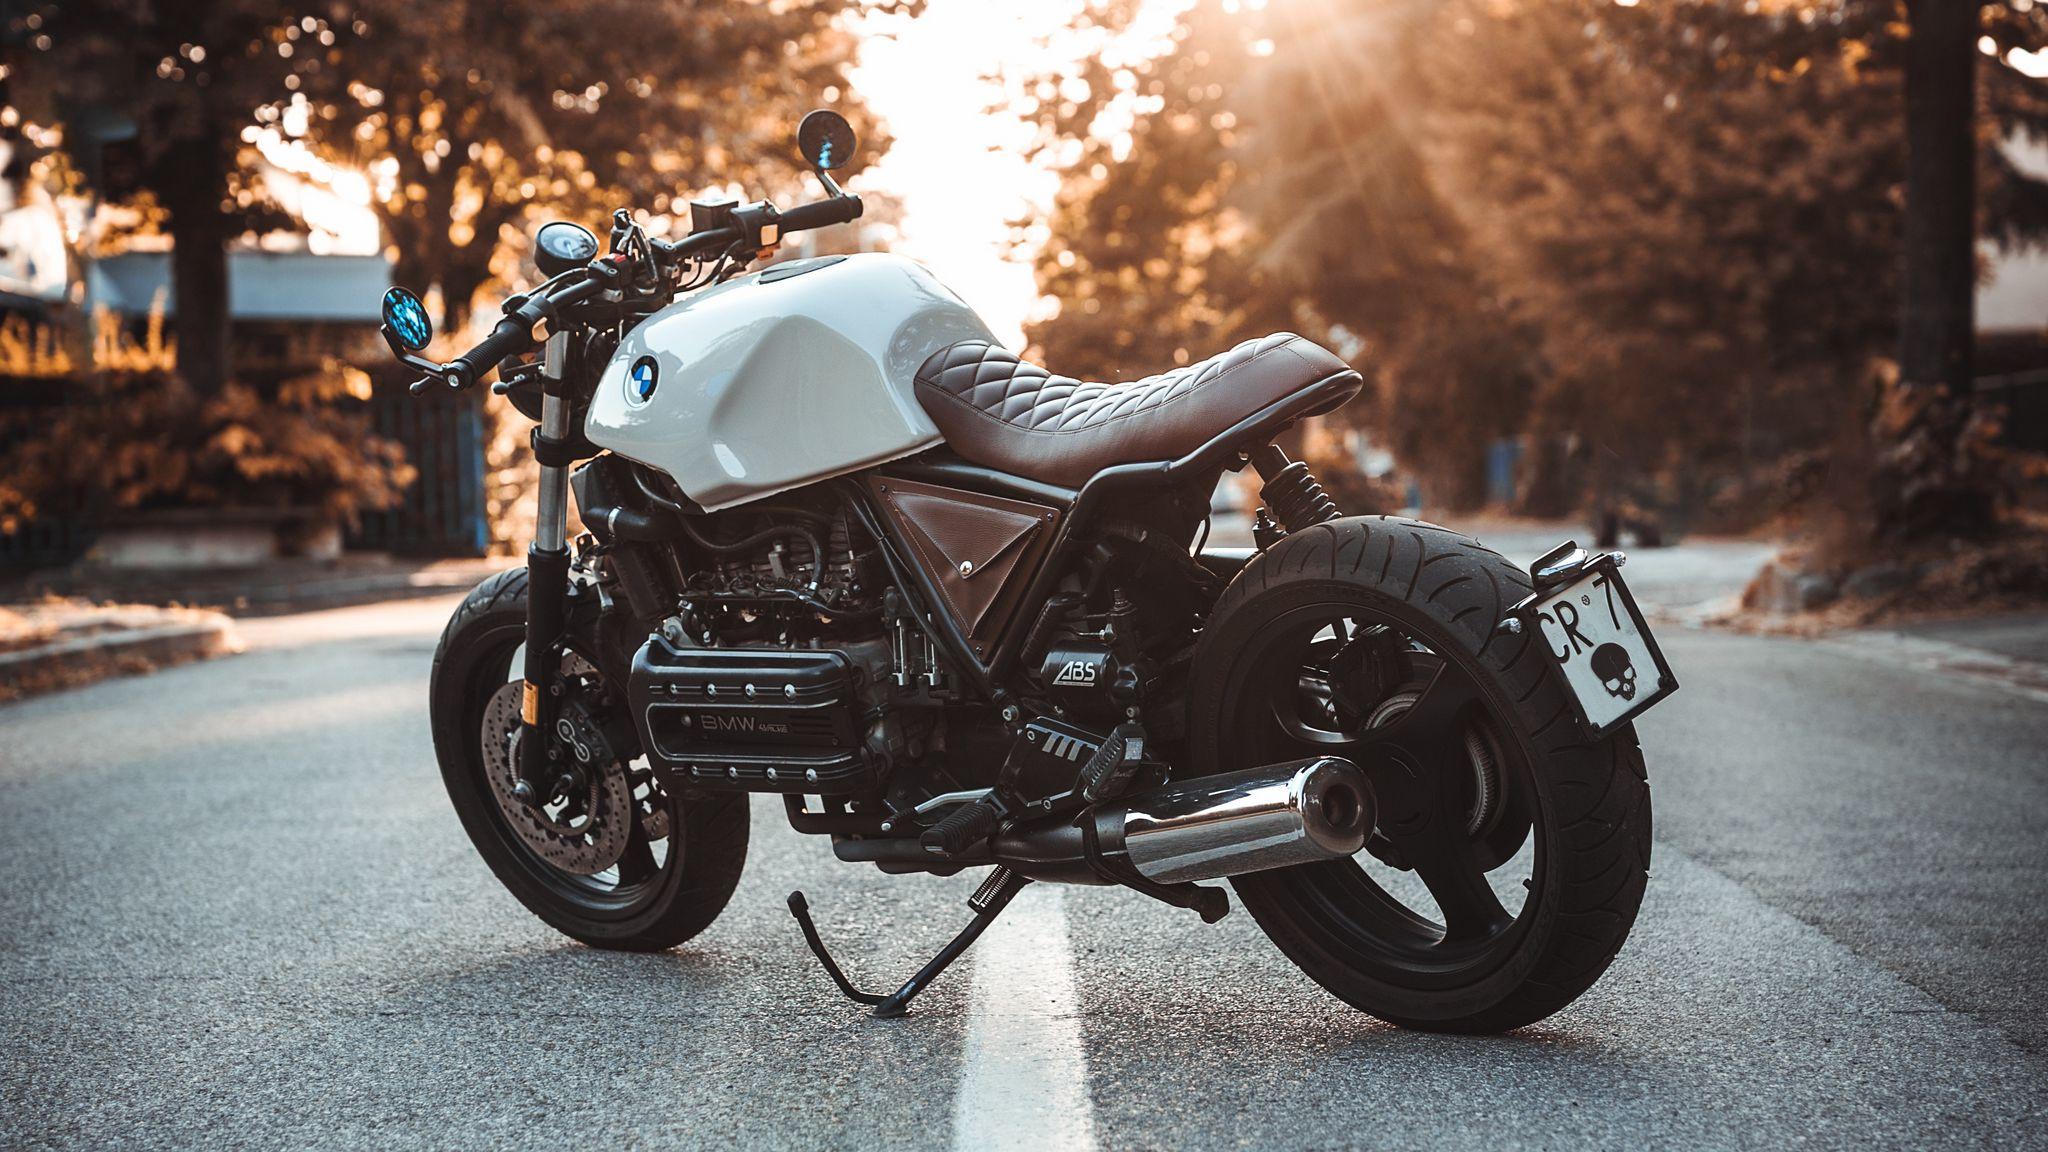 2048x1152 Wallpaper bmw k100, motorcycle, bike, side view